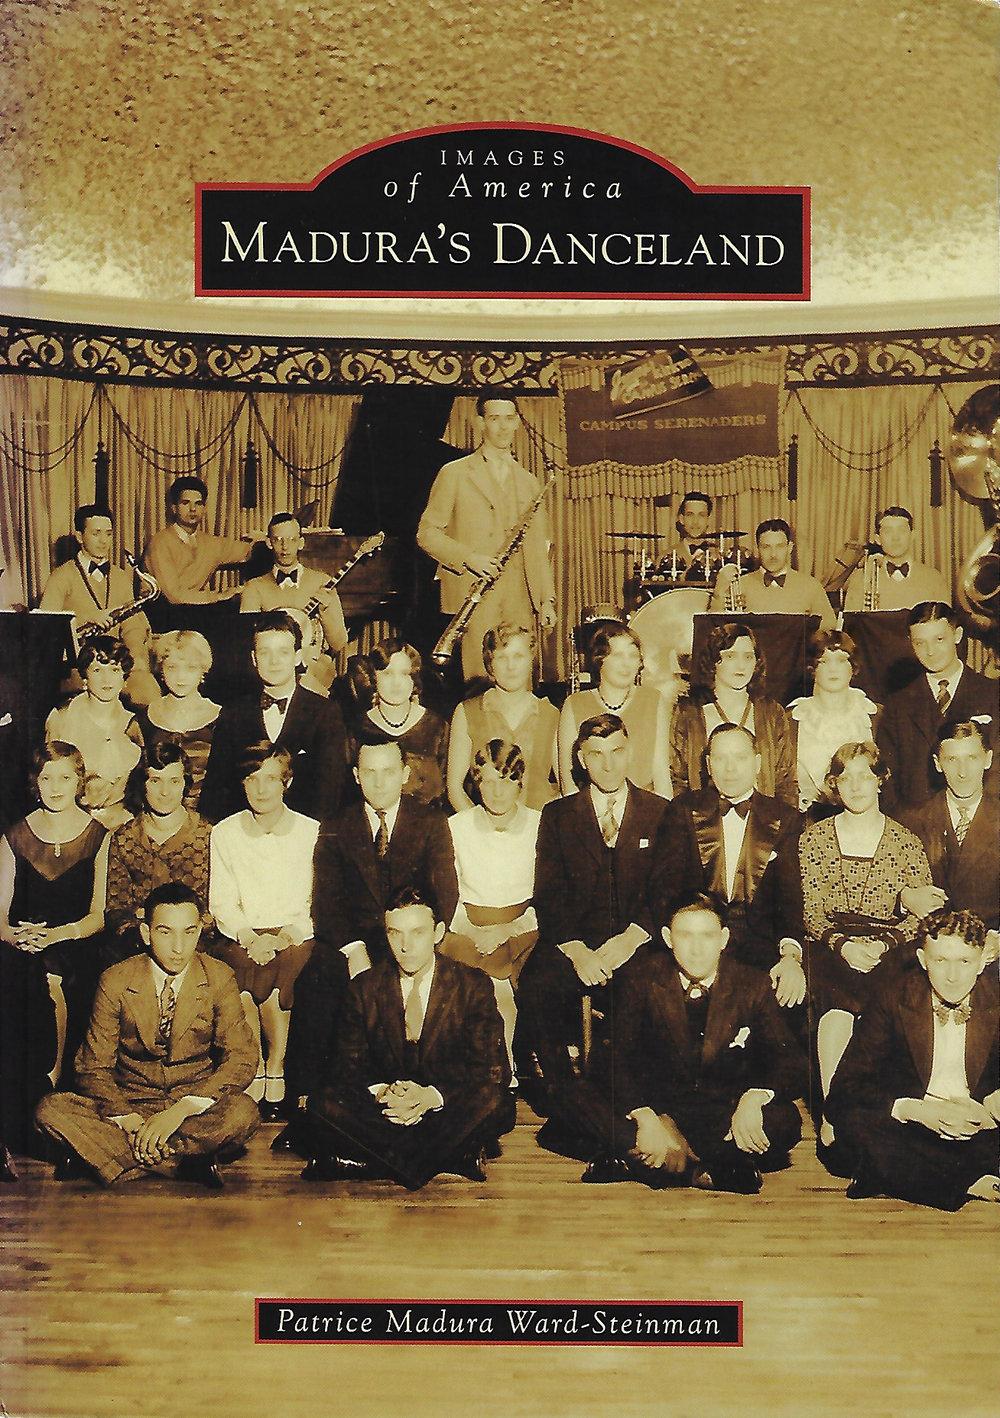 Madura's Danceland by Patrice Madura Ward-Steinman, 2010